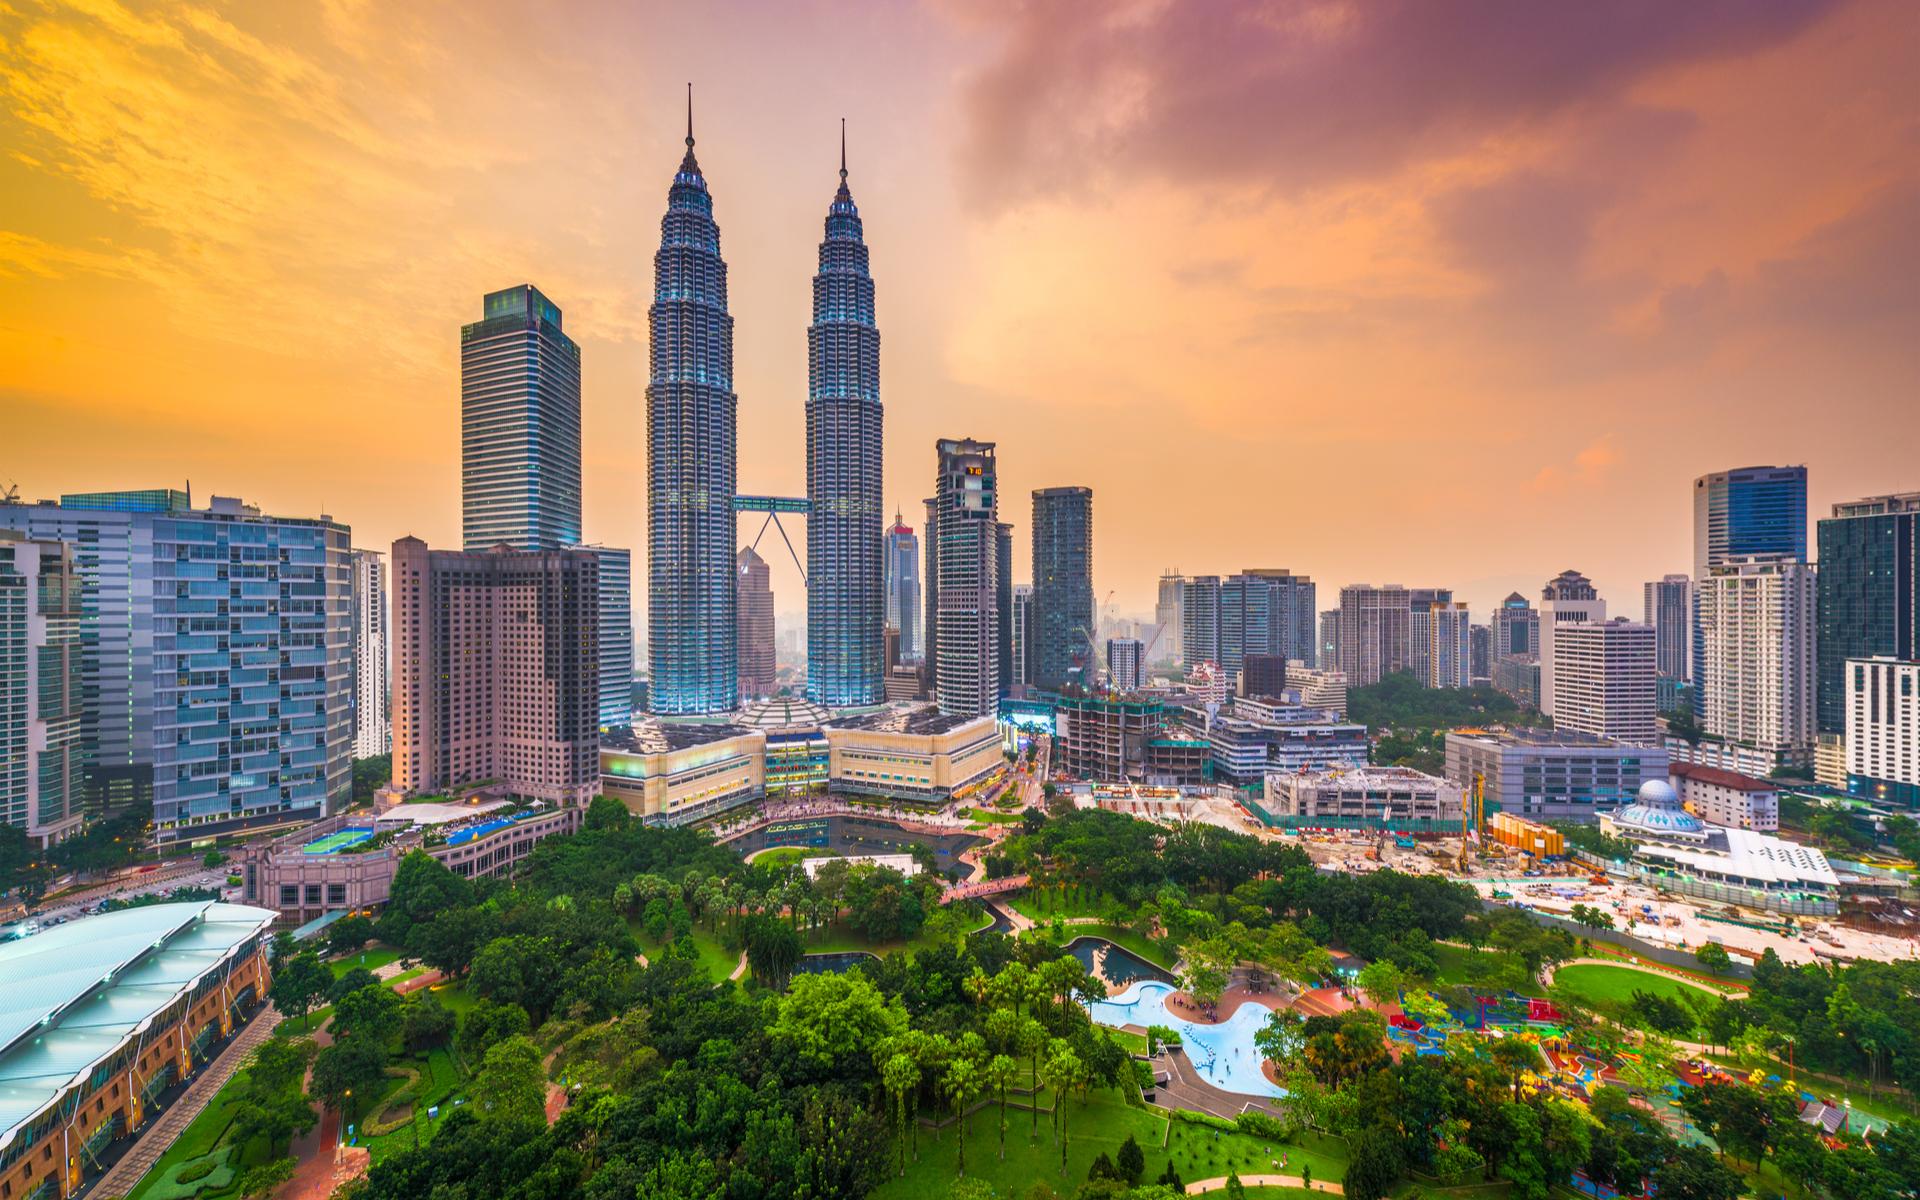 Cập nhật: Malaysia giới thiệu bộ quy định đã điều chỉnh dành cho các sàn giao dịch Bitcoin